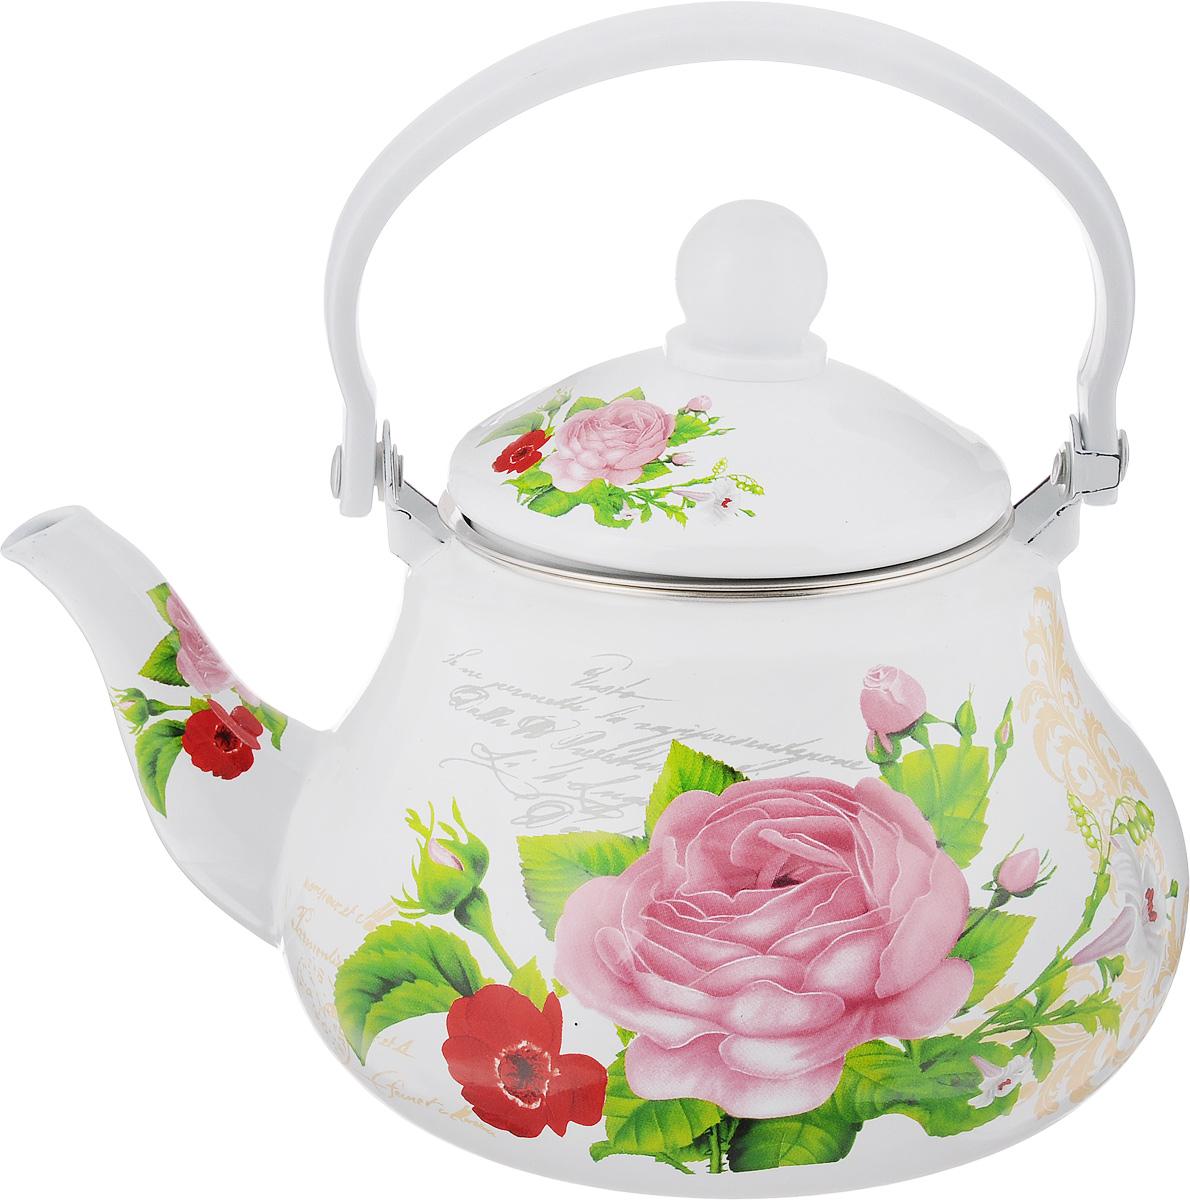 Чайник заварочный Mayer & Boch Розы, эмалированный, 1,5 л23982Заварочный чайник Mayer & Boch Роза изготовлен из высококачественной углеродистой стали с эмалированным покрытием. Такое покрытие защищает сталь от коррозии, придает посуде гладкую стекловидную поверхность и надежно защищает от кислот и щелочей. Изделие прекрасно подходит для заваривания вкусного и ароматного чая, травяных настоев. Чайник оснащен сетчатым фильтром, который задерживает чаинки и предотвращает их попадание в чашку. Оригинальный дизайн сделает чайник настоящим украшением стола. Он удобен в использовании и понравится каждому. Подходит для использования на газовых, стеклокерамических, электрических, галогеновых и индукционных плитах. Можно мыть в посудомоечной машине. Диаметр чайника (по верхнему краю): 9,8 см. Высота чайника (без учета крышки): 10,7 см. Толщина стенок: 0,8 мм.